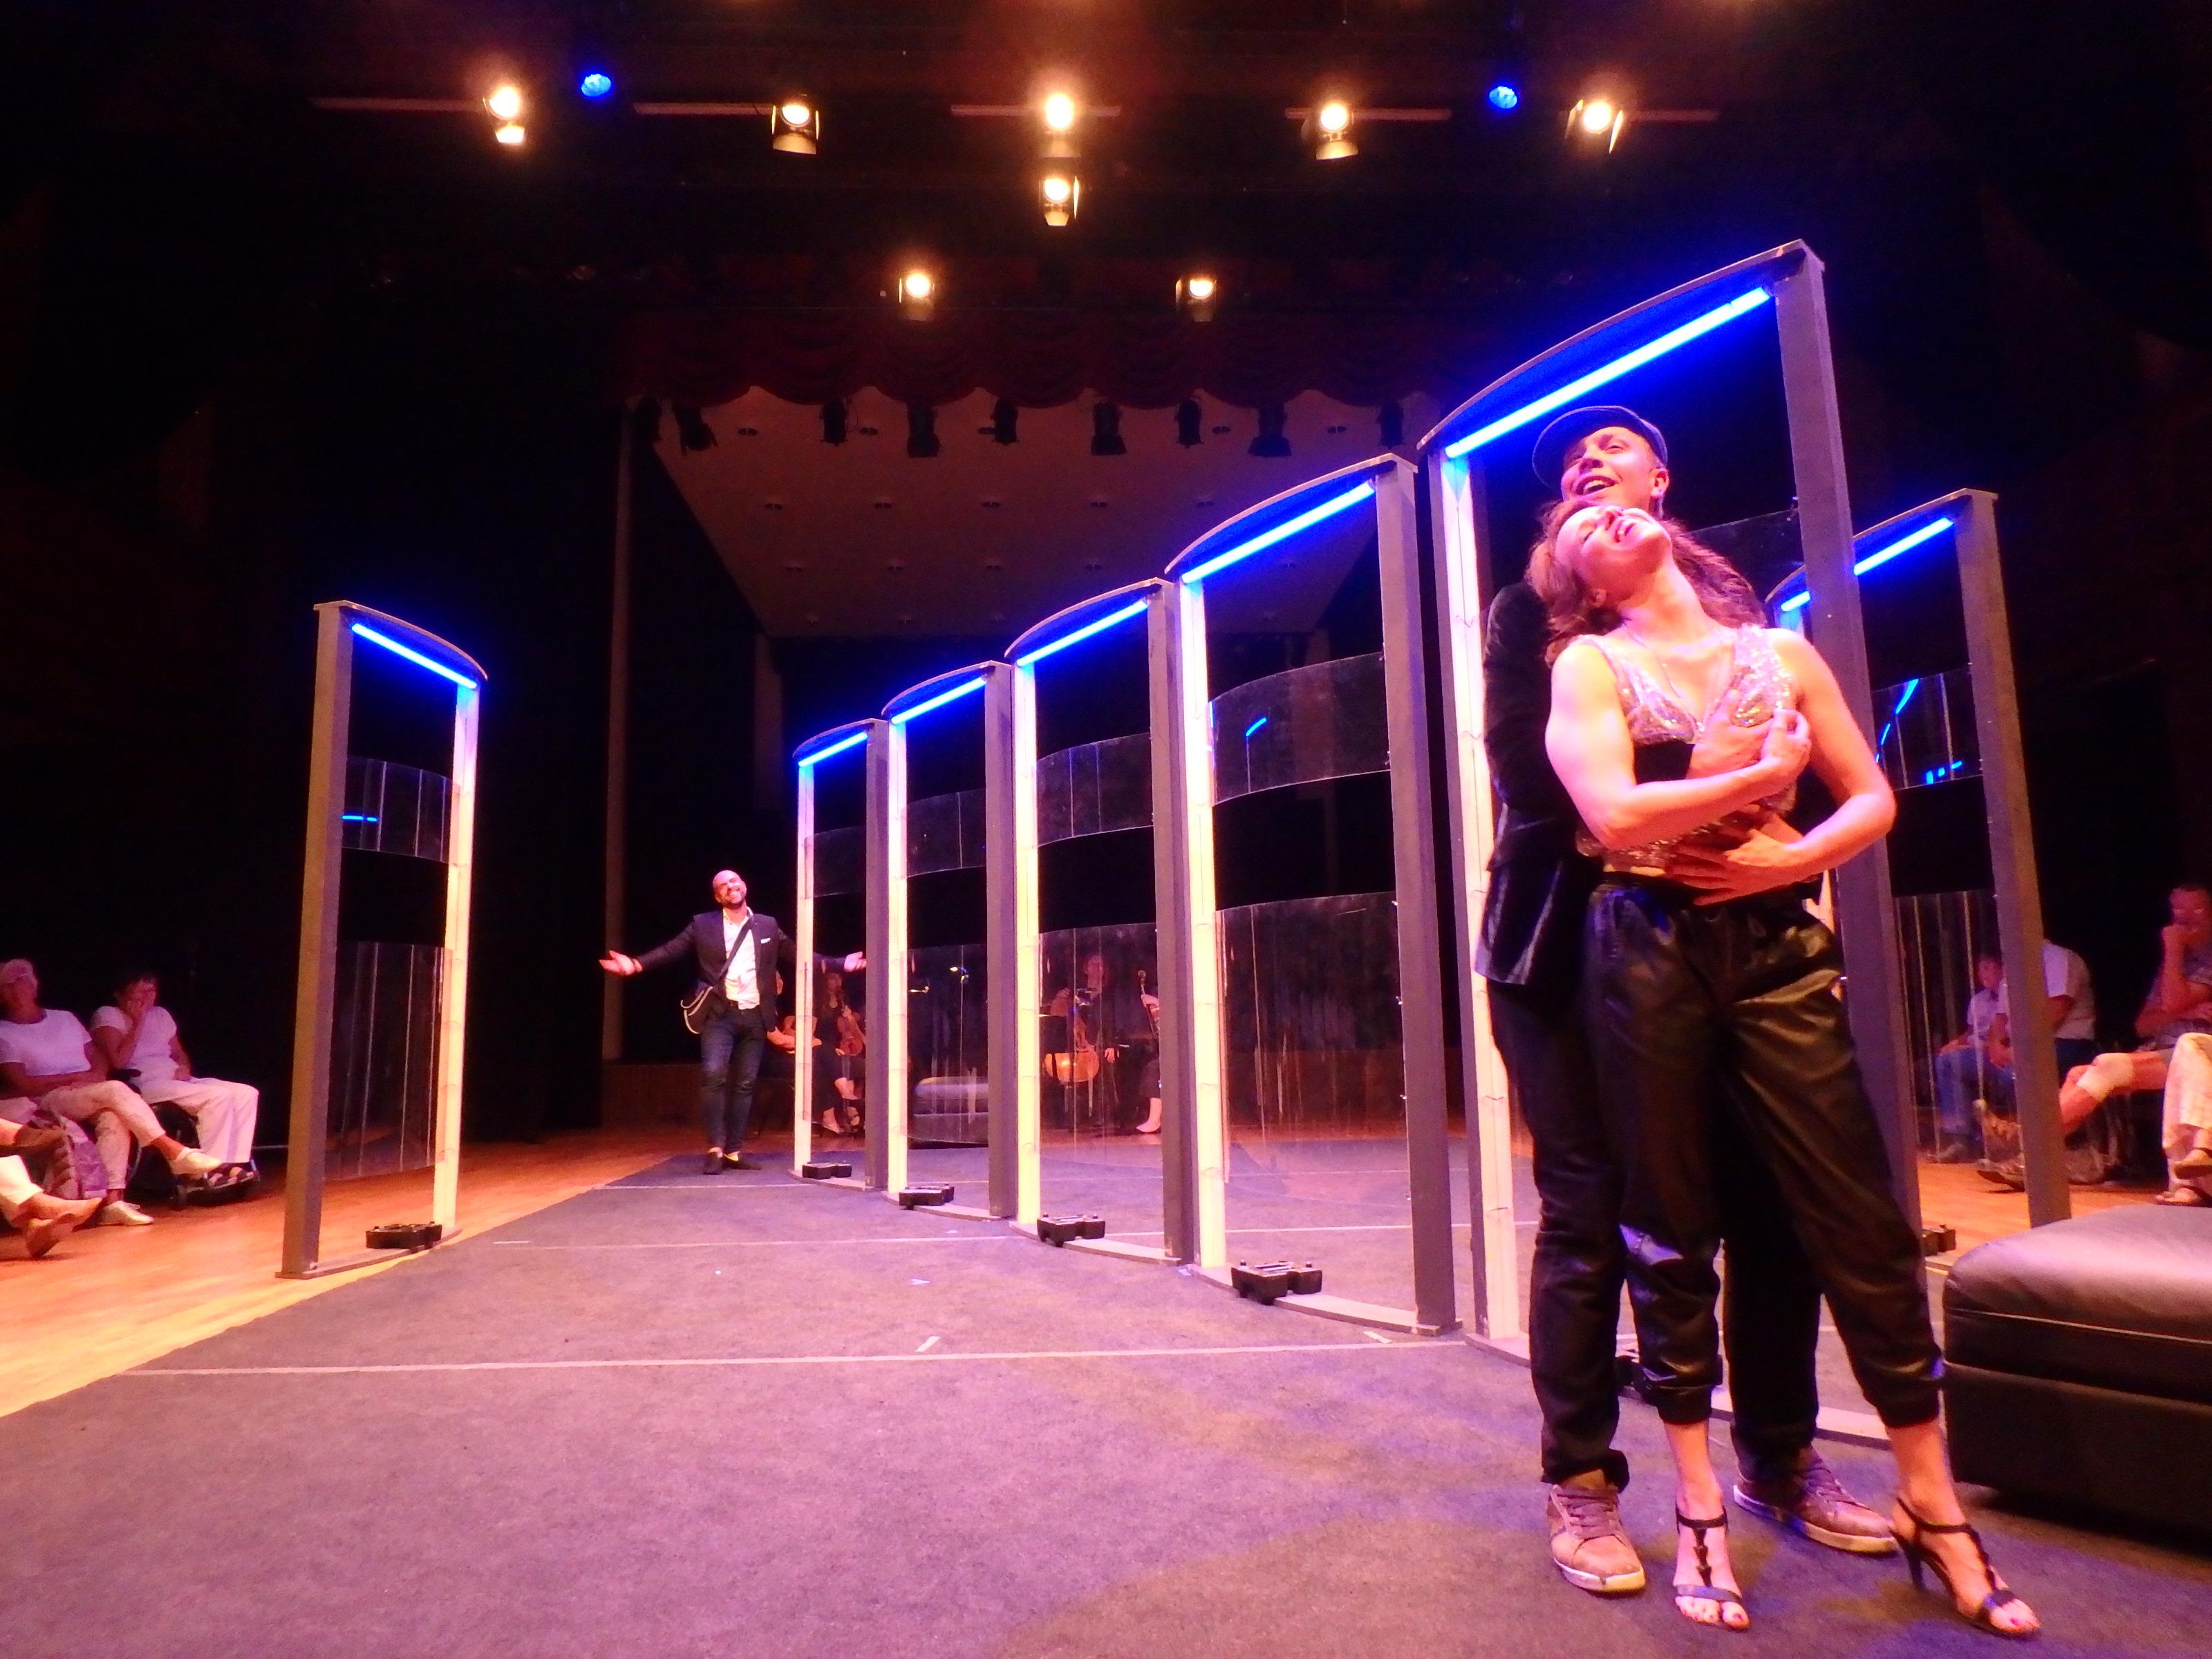 Leporello gör en Don Giovanni och hånglar med Elvira medan Don Giovanni ser på, på avstånd - Foto: Belinda Graham